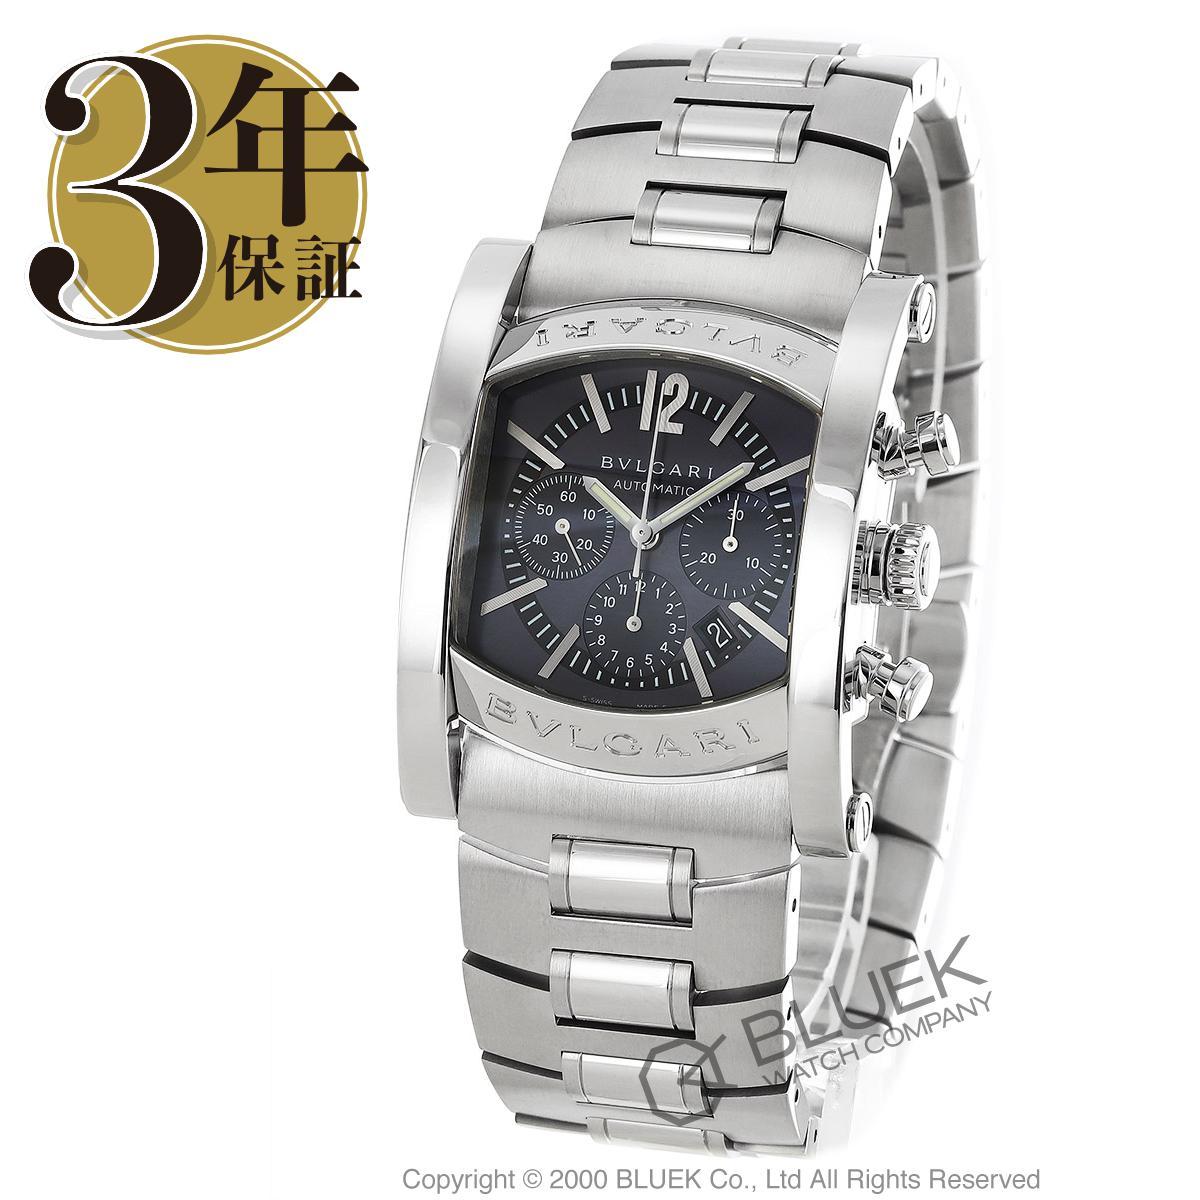 ブルガリ アショーマ クロノグラフ 腕時計 メンズ BVLGARI AA44C14SSDCH_3